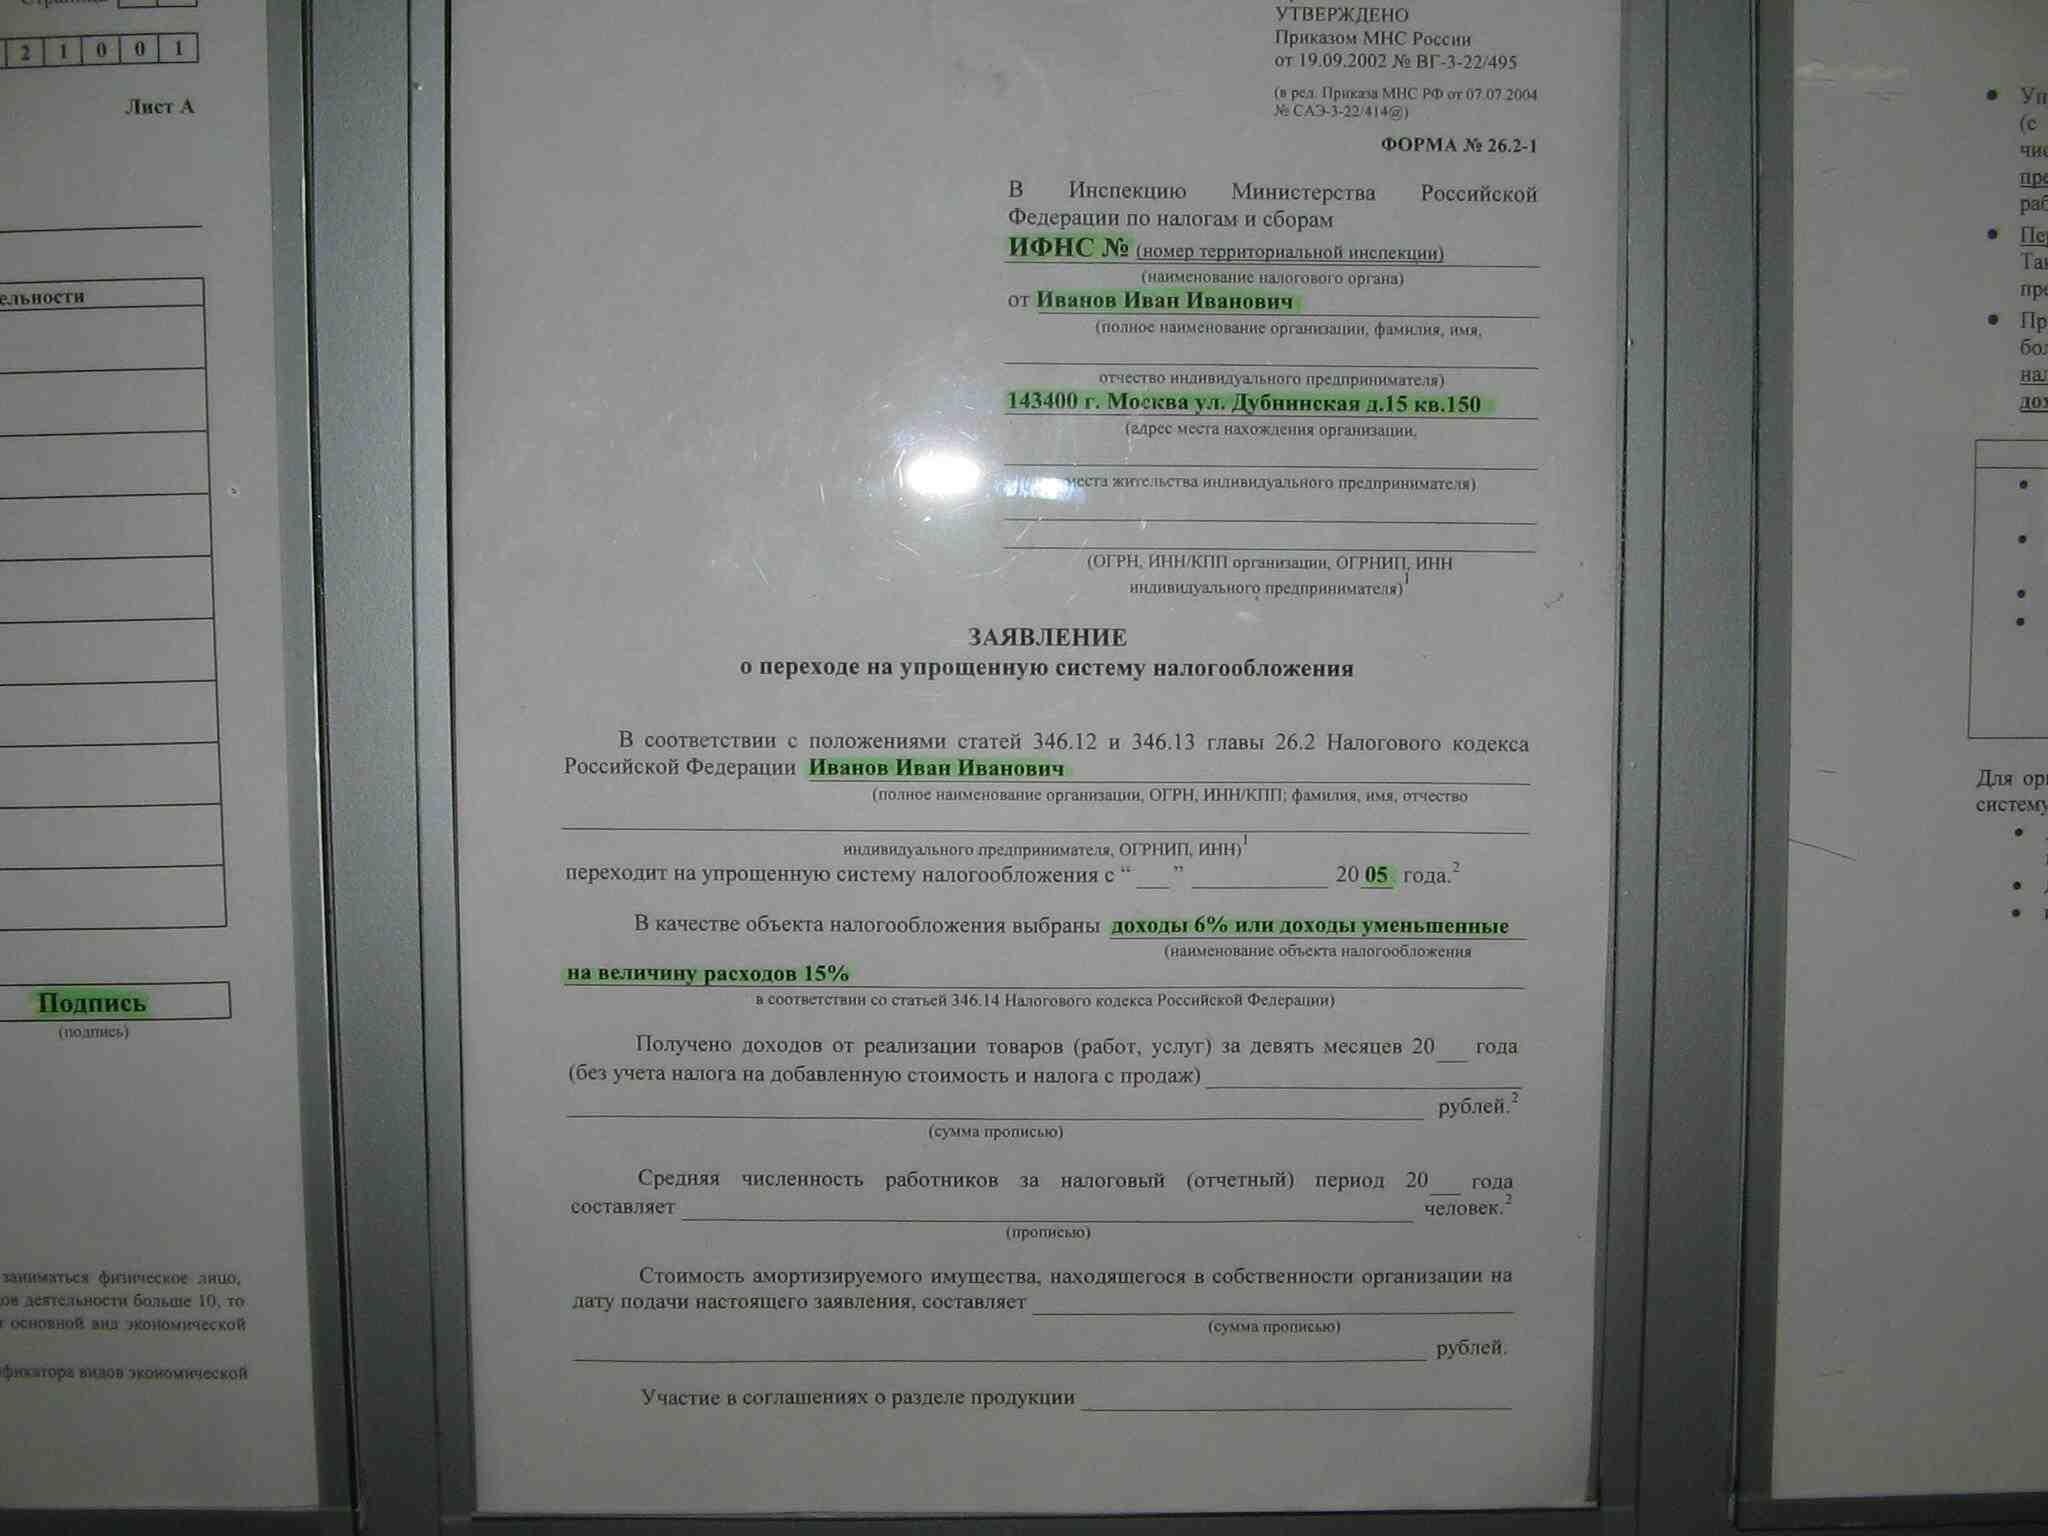 бланк заявления о регистрации юл